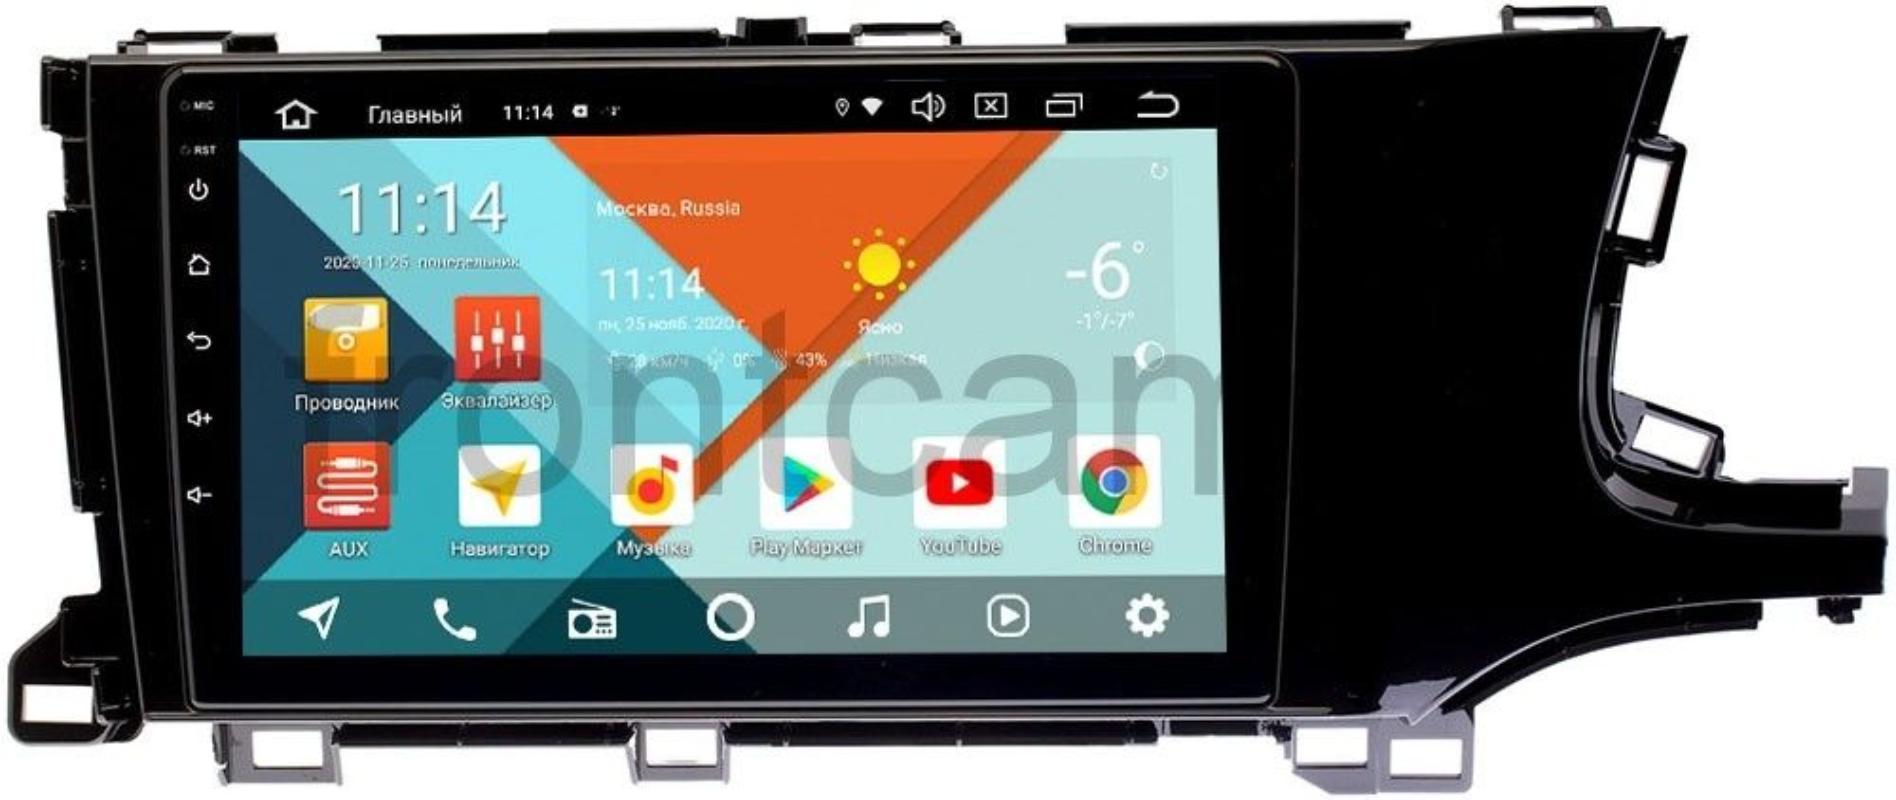 Штатная магнитола Honda Shuttle II  Wide Media KS9232QR-3/32 DSP CarPlay 4G-SIM на Android 10 (+ Камера заднего вида в подарок!)